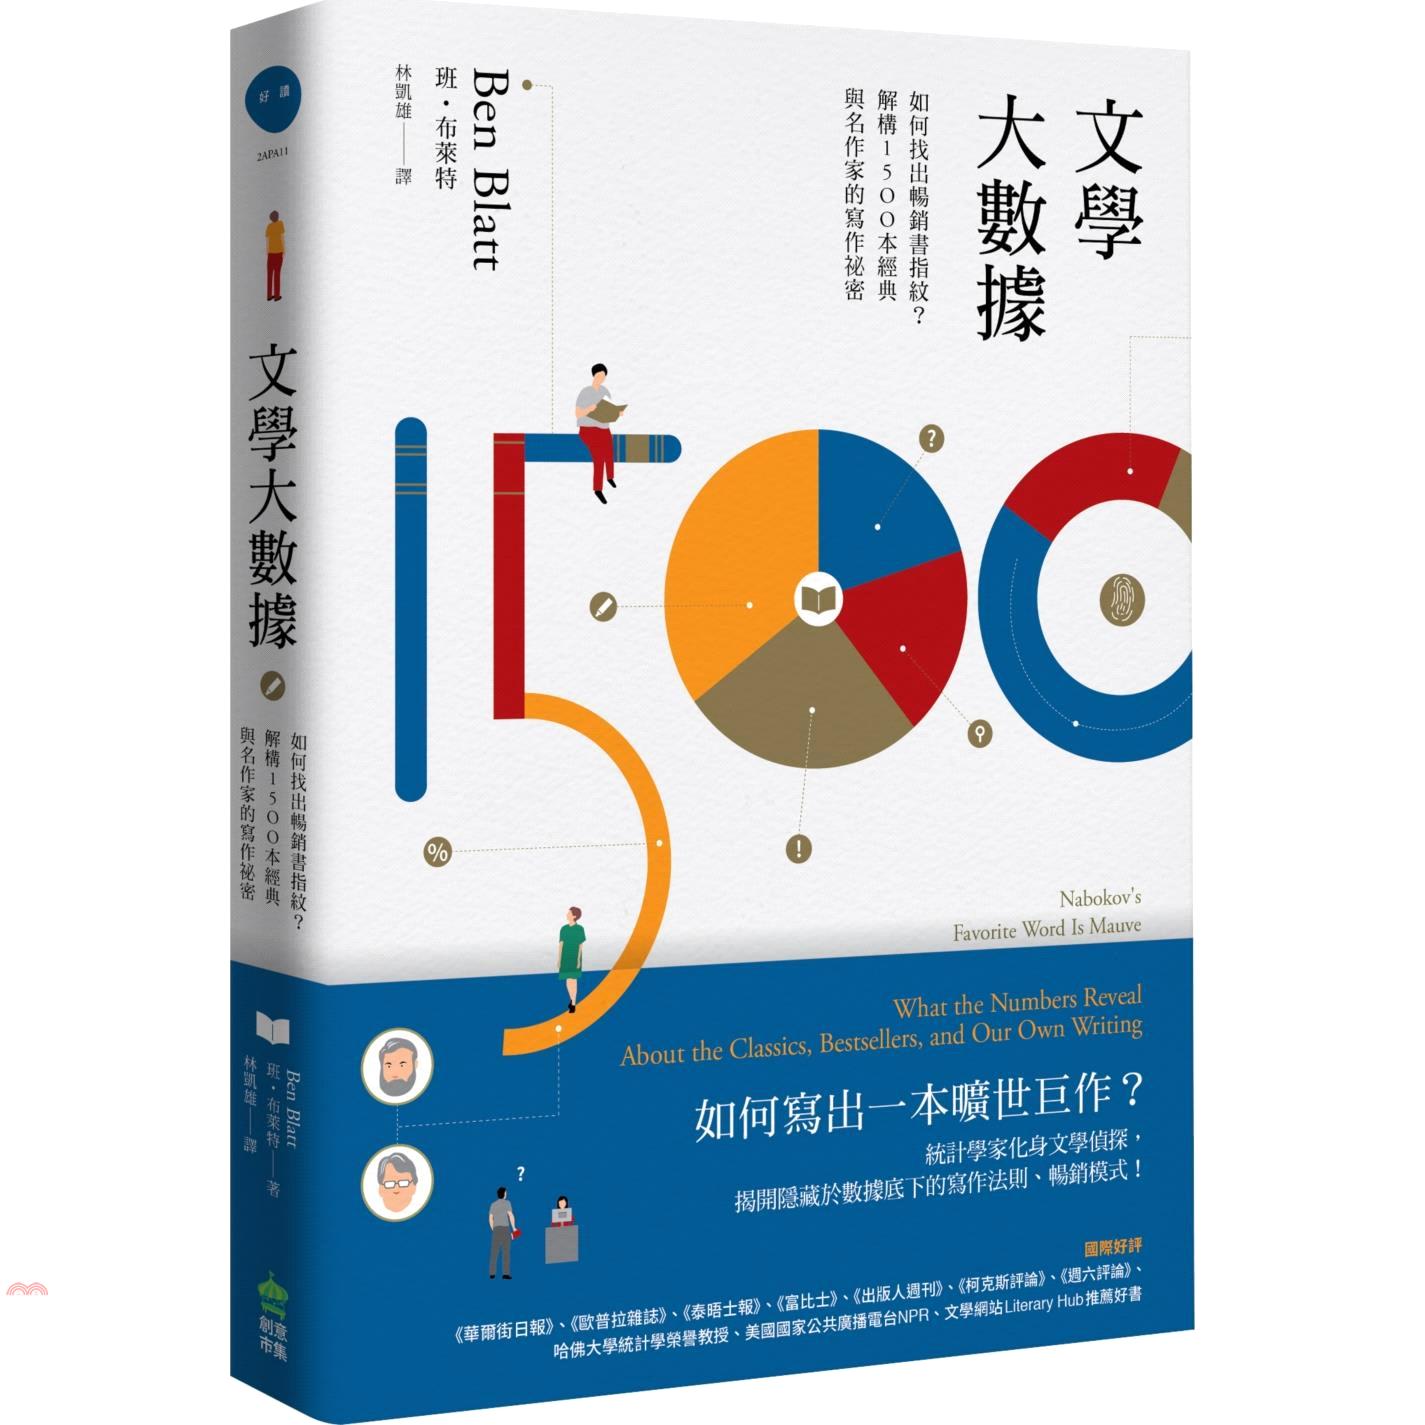 《創意市集》文學大數據:如何找出暢銷書指紋?解構1500本經典與名作家的寫作祕密[79折]